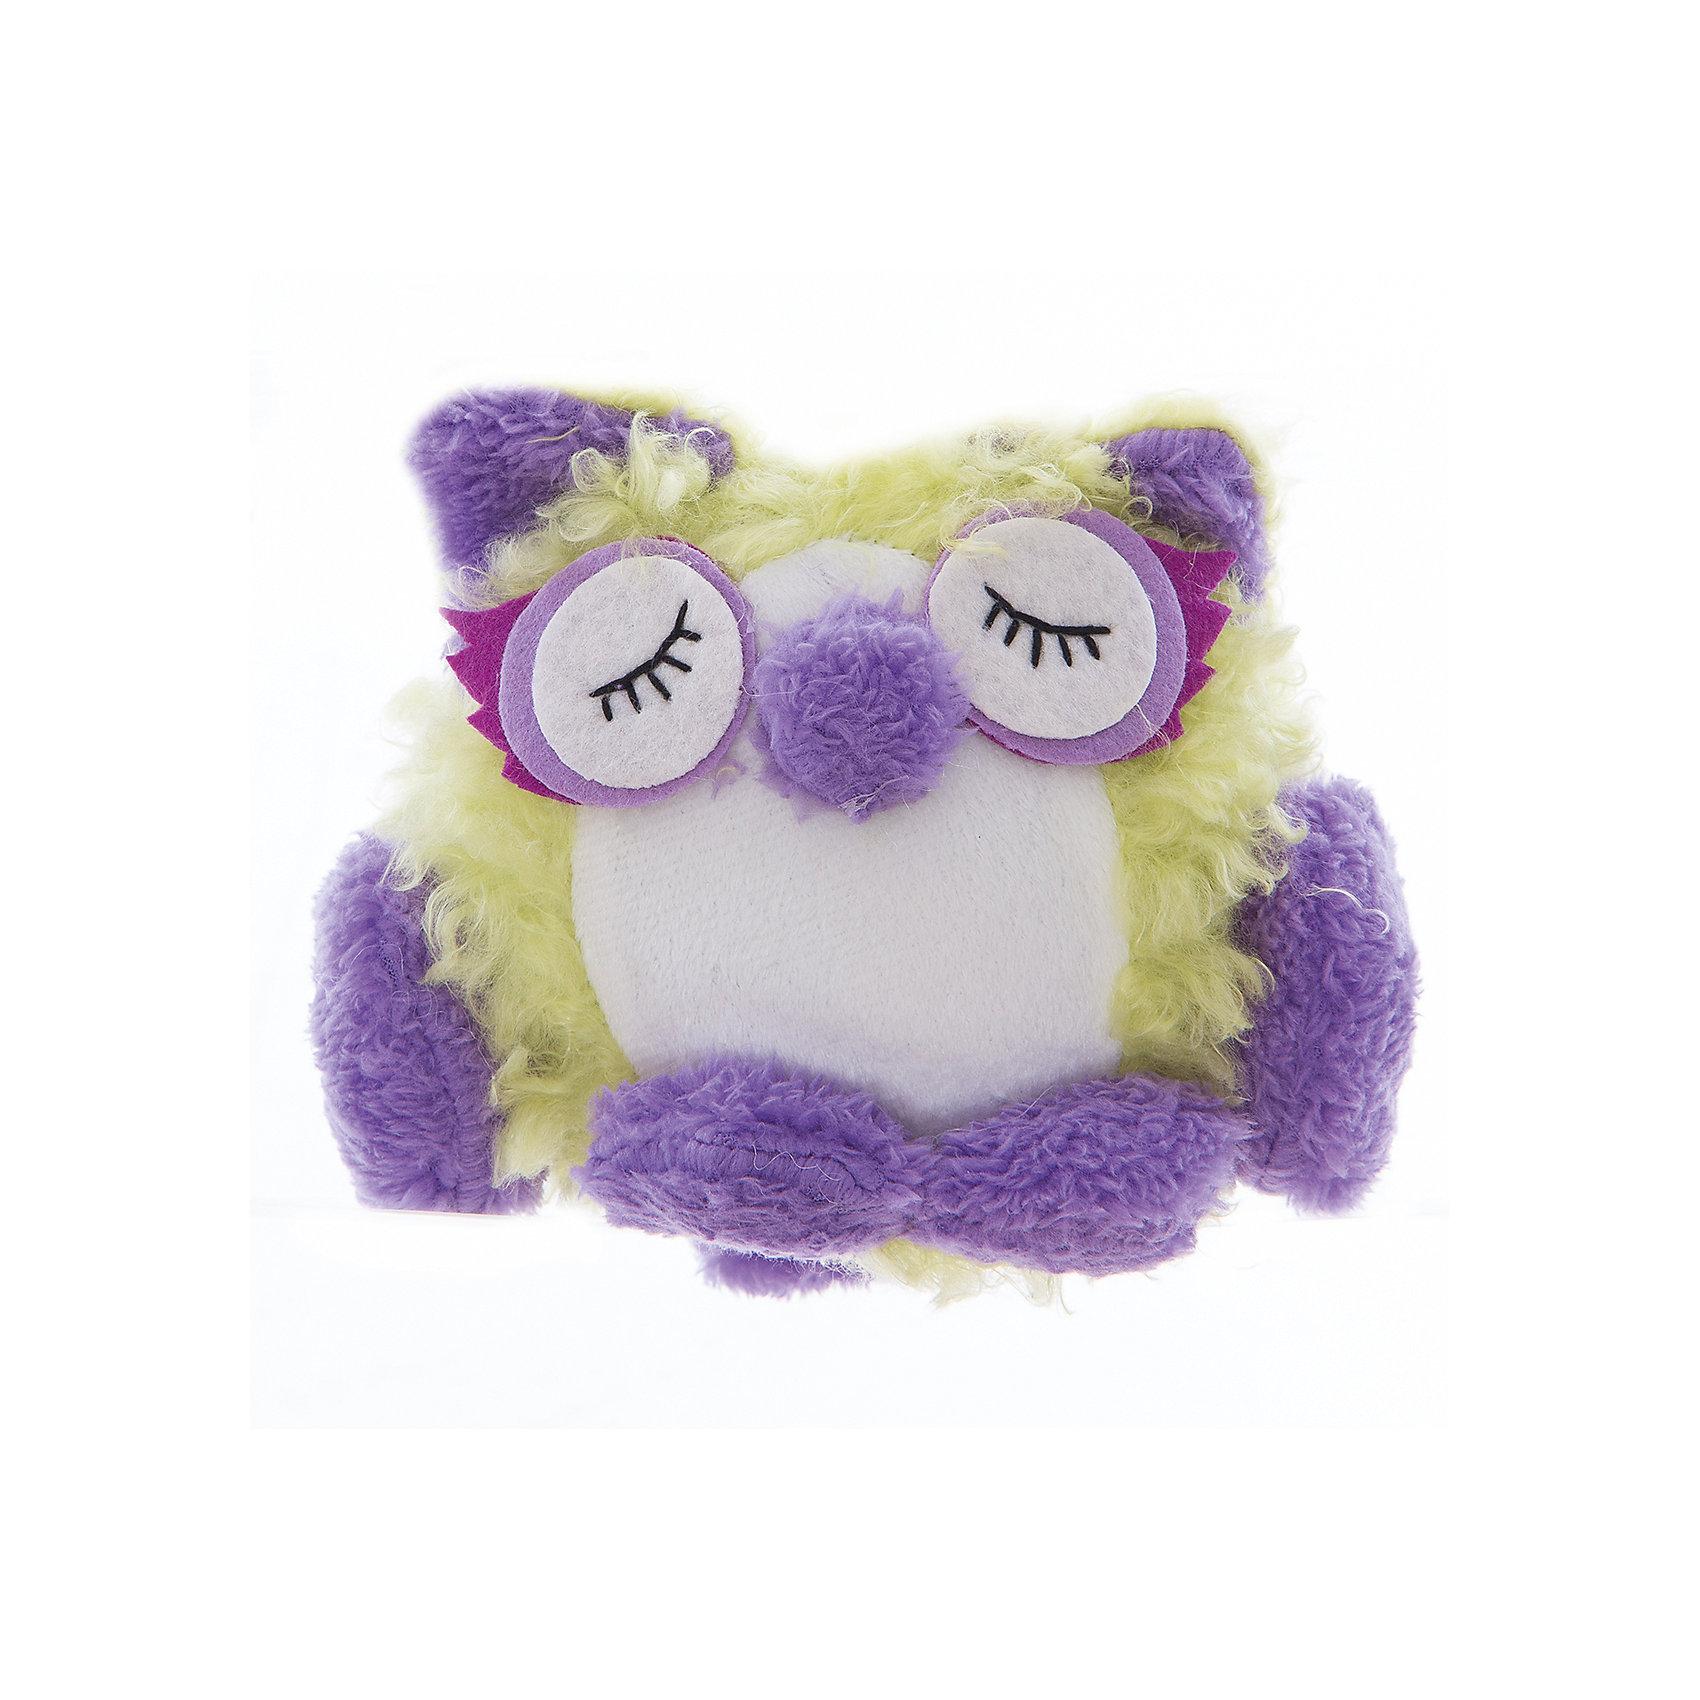 Интерьерная кукла Совушка C21-066005, EstroПредметы интерьера<br>Характеристики интерьерной куклы:<br><br>- размеры: 25*12*8 см. <br>- тип игрушки: животные, мягкая игрушка<br>- персонаж: сова<br>- вид упаковки: коробка<br>- возрастные ограничения: 3+<br>- комплектация: игрушка <br>- состав: полиэстер, полиэфир<br>- материал изготовления: высококачественный пластик, полиэстер, ткань<br>- стиль: классический, прованс<br>- бренд: Estro <br>- страна бренда: Италия<br>- страна производитель: Китай<br><br>Мягкая игрушка совушка торговой марки Estro станет прекрасным вариантом для домашней обстановки. Изделие изготовлено из качественных материалов приятной расцветки. Внешний вид мягкой игрушки продуман до мелочей, учитывая все нюансы. Совушка окрашена в сиреневый, салатовый цвет. <br><br>Интерьерную куклу сова итальянской торговой марки Estro можно купить в нашем интернет-магазине.<br><br>Ширина мм: 100<br>Глубина мм: 150<br>Высота мм: 150<br>Вес г: 73<br>Возраст от месяцев: 36<br>Возраст до месяцев: 1188<br>Пол: Женский<br>Возраст: Детский<br>SKU: 5356628